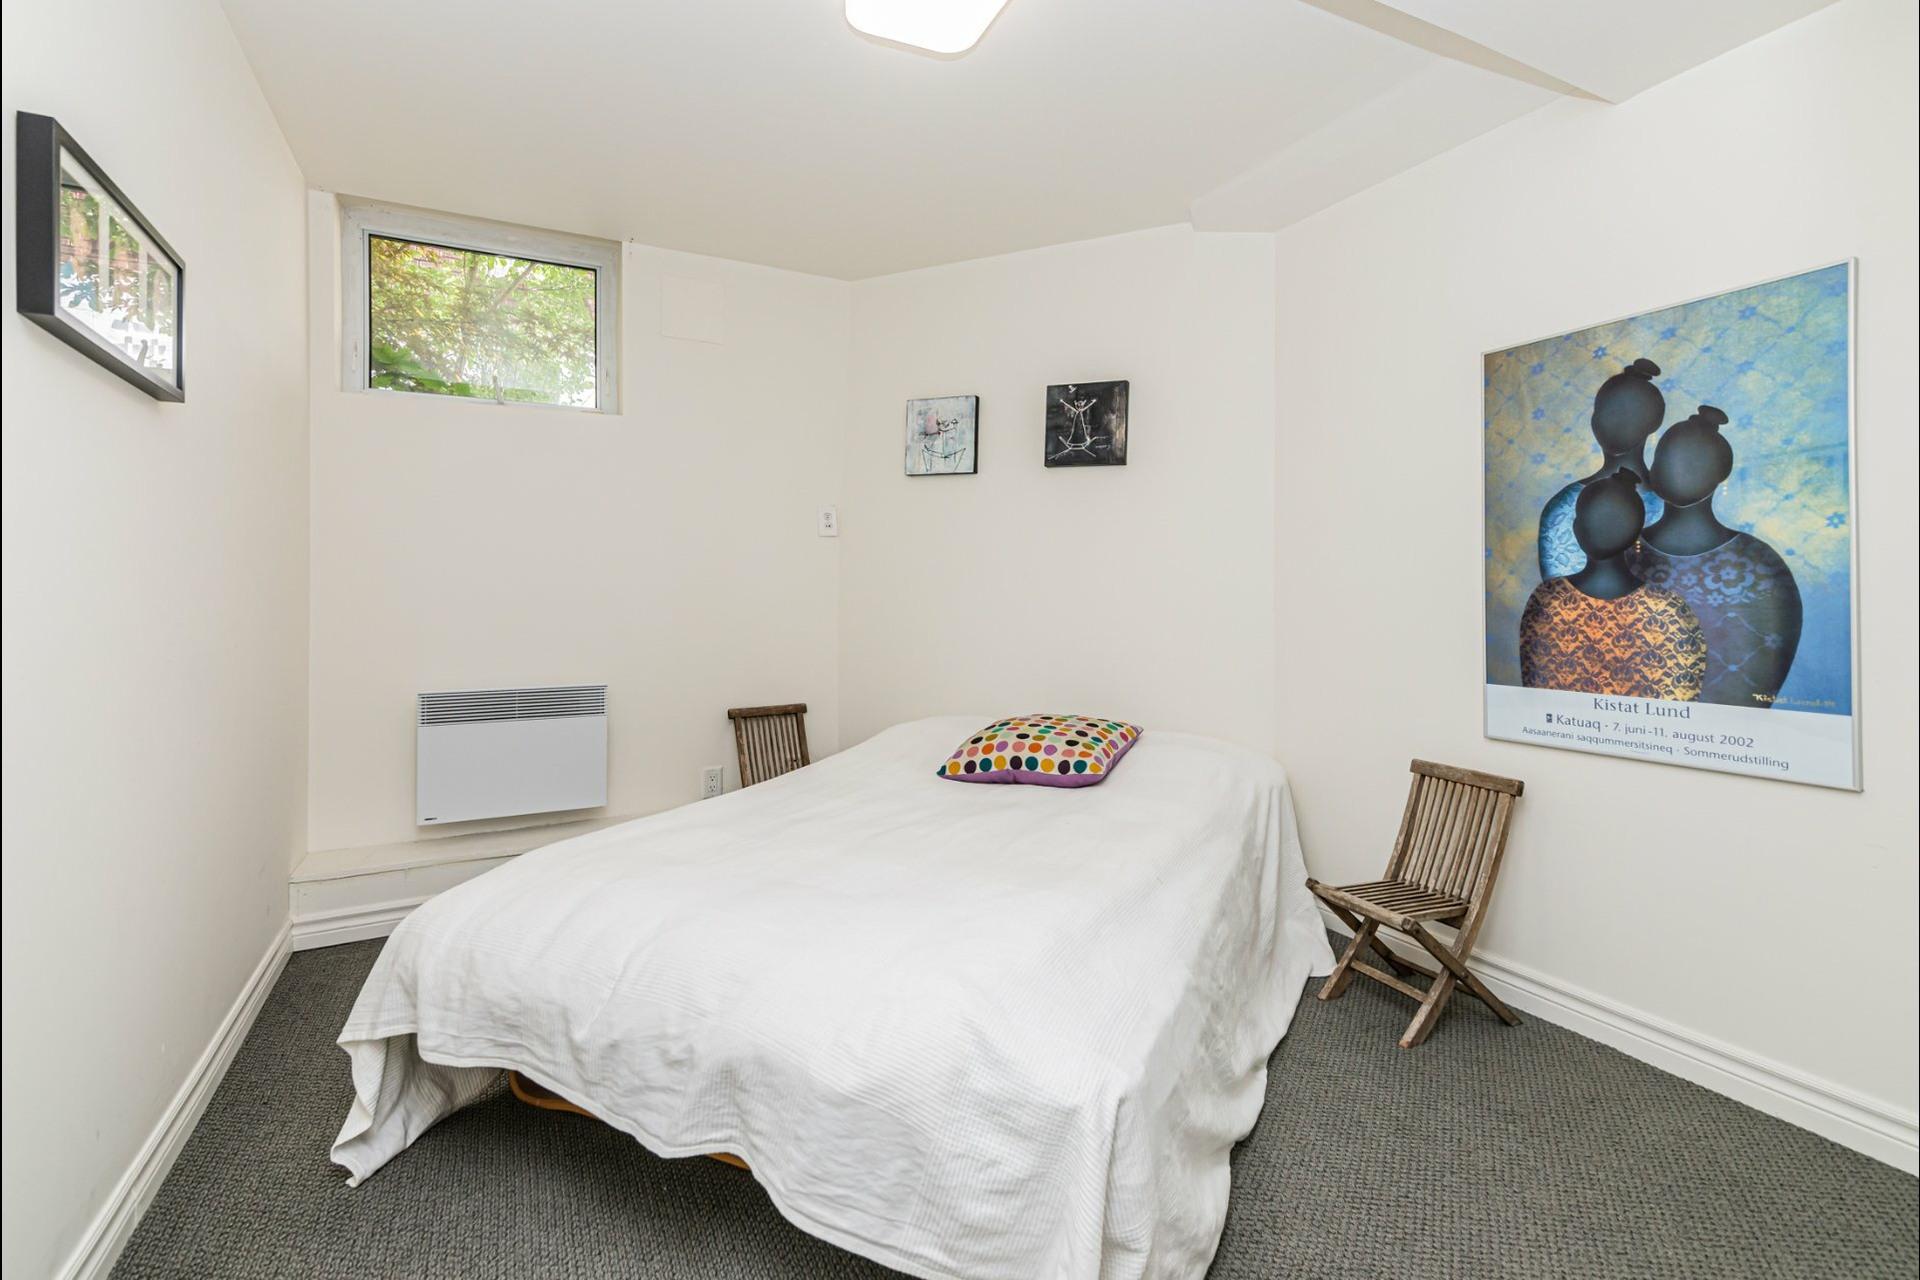 image 31 - Maison À louer Westmount - 8 pièces